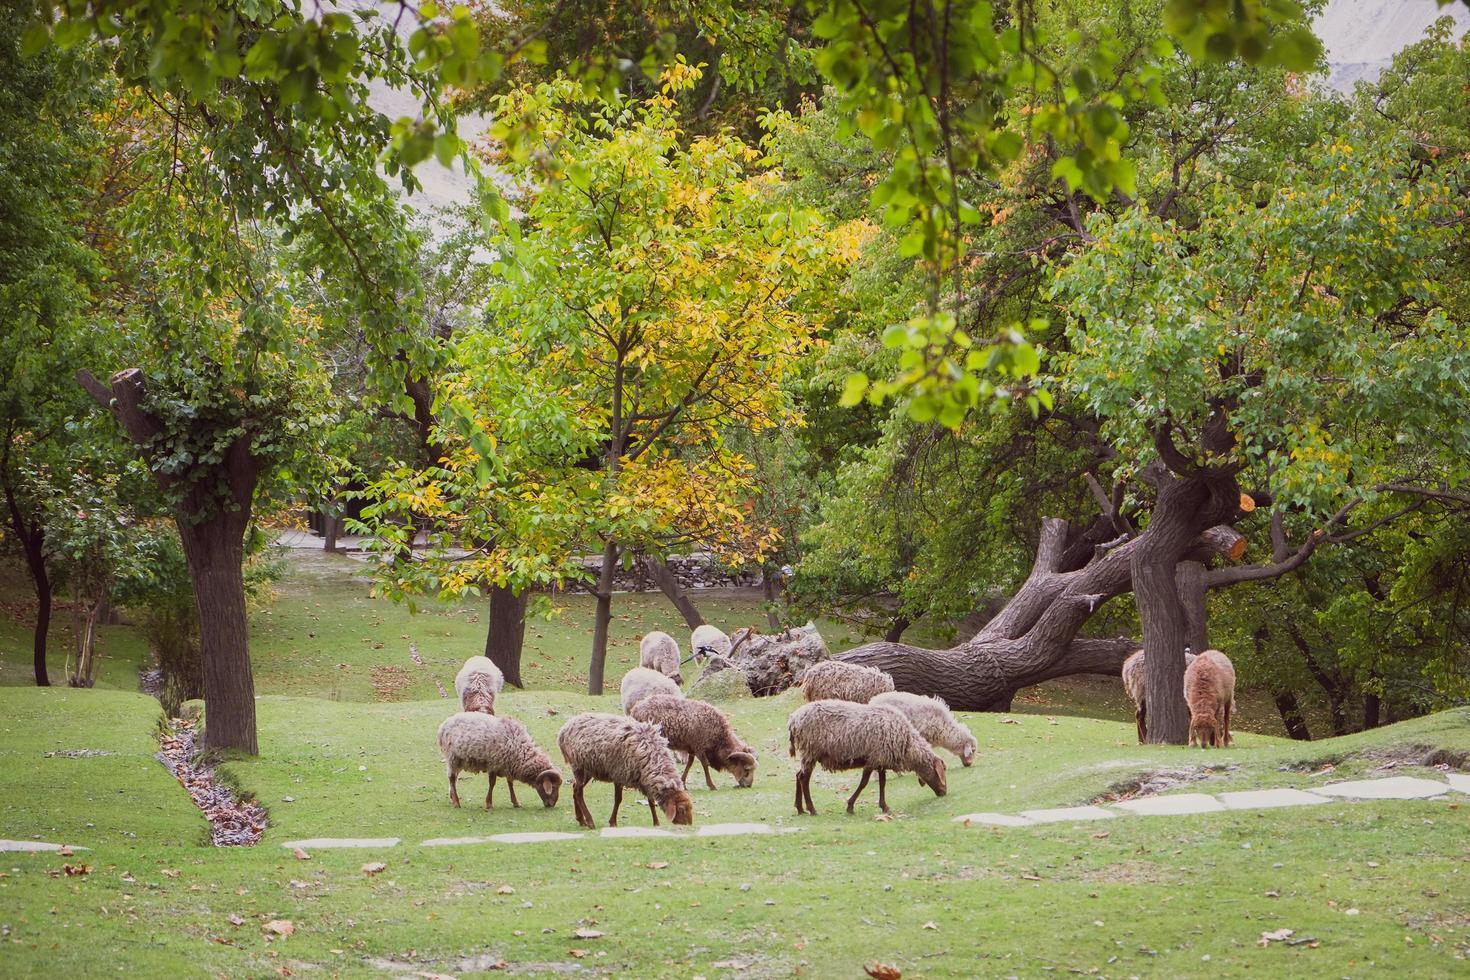 gregge di pecore al pascolo su un lussureggiante prato verde foto